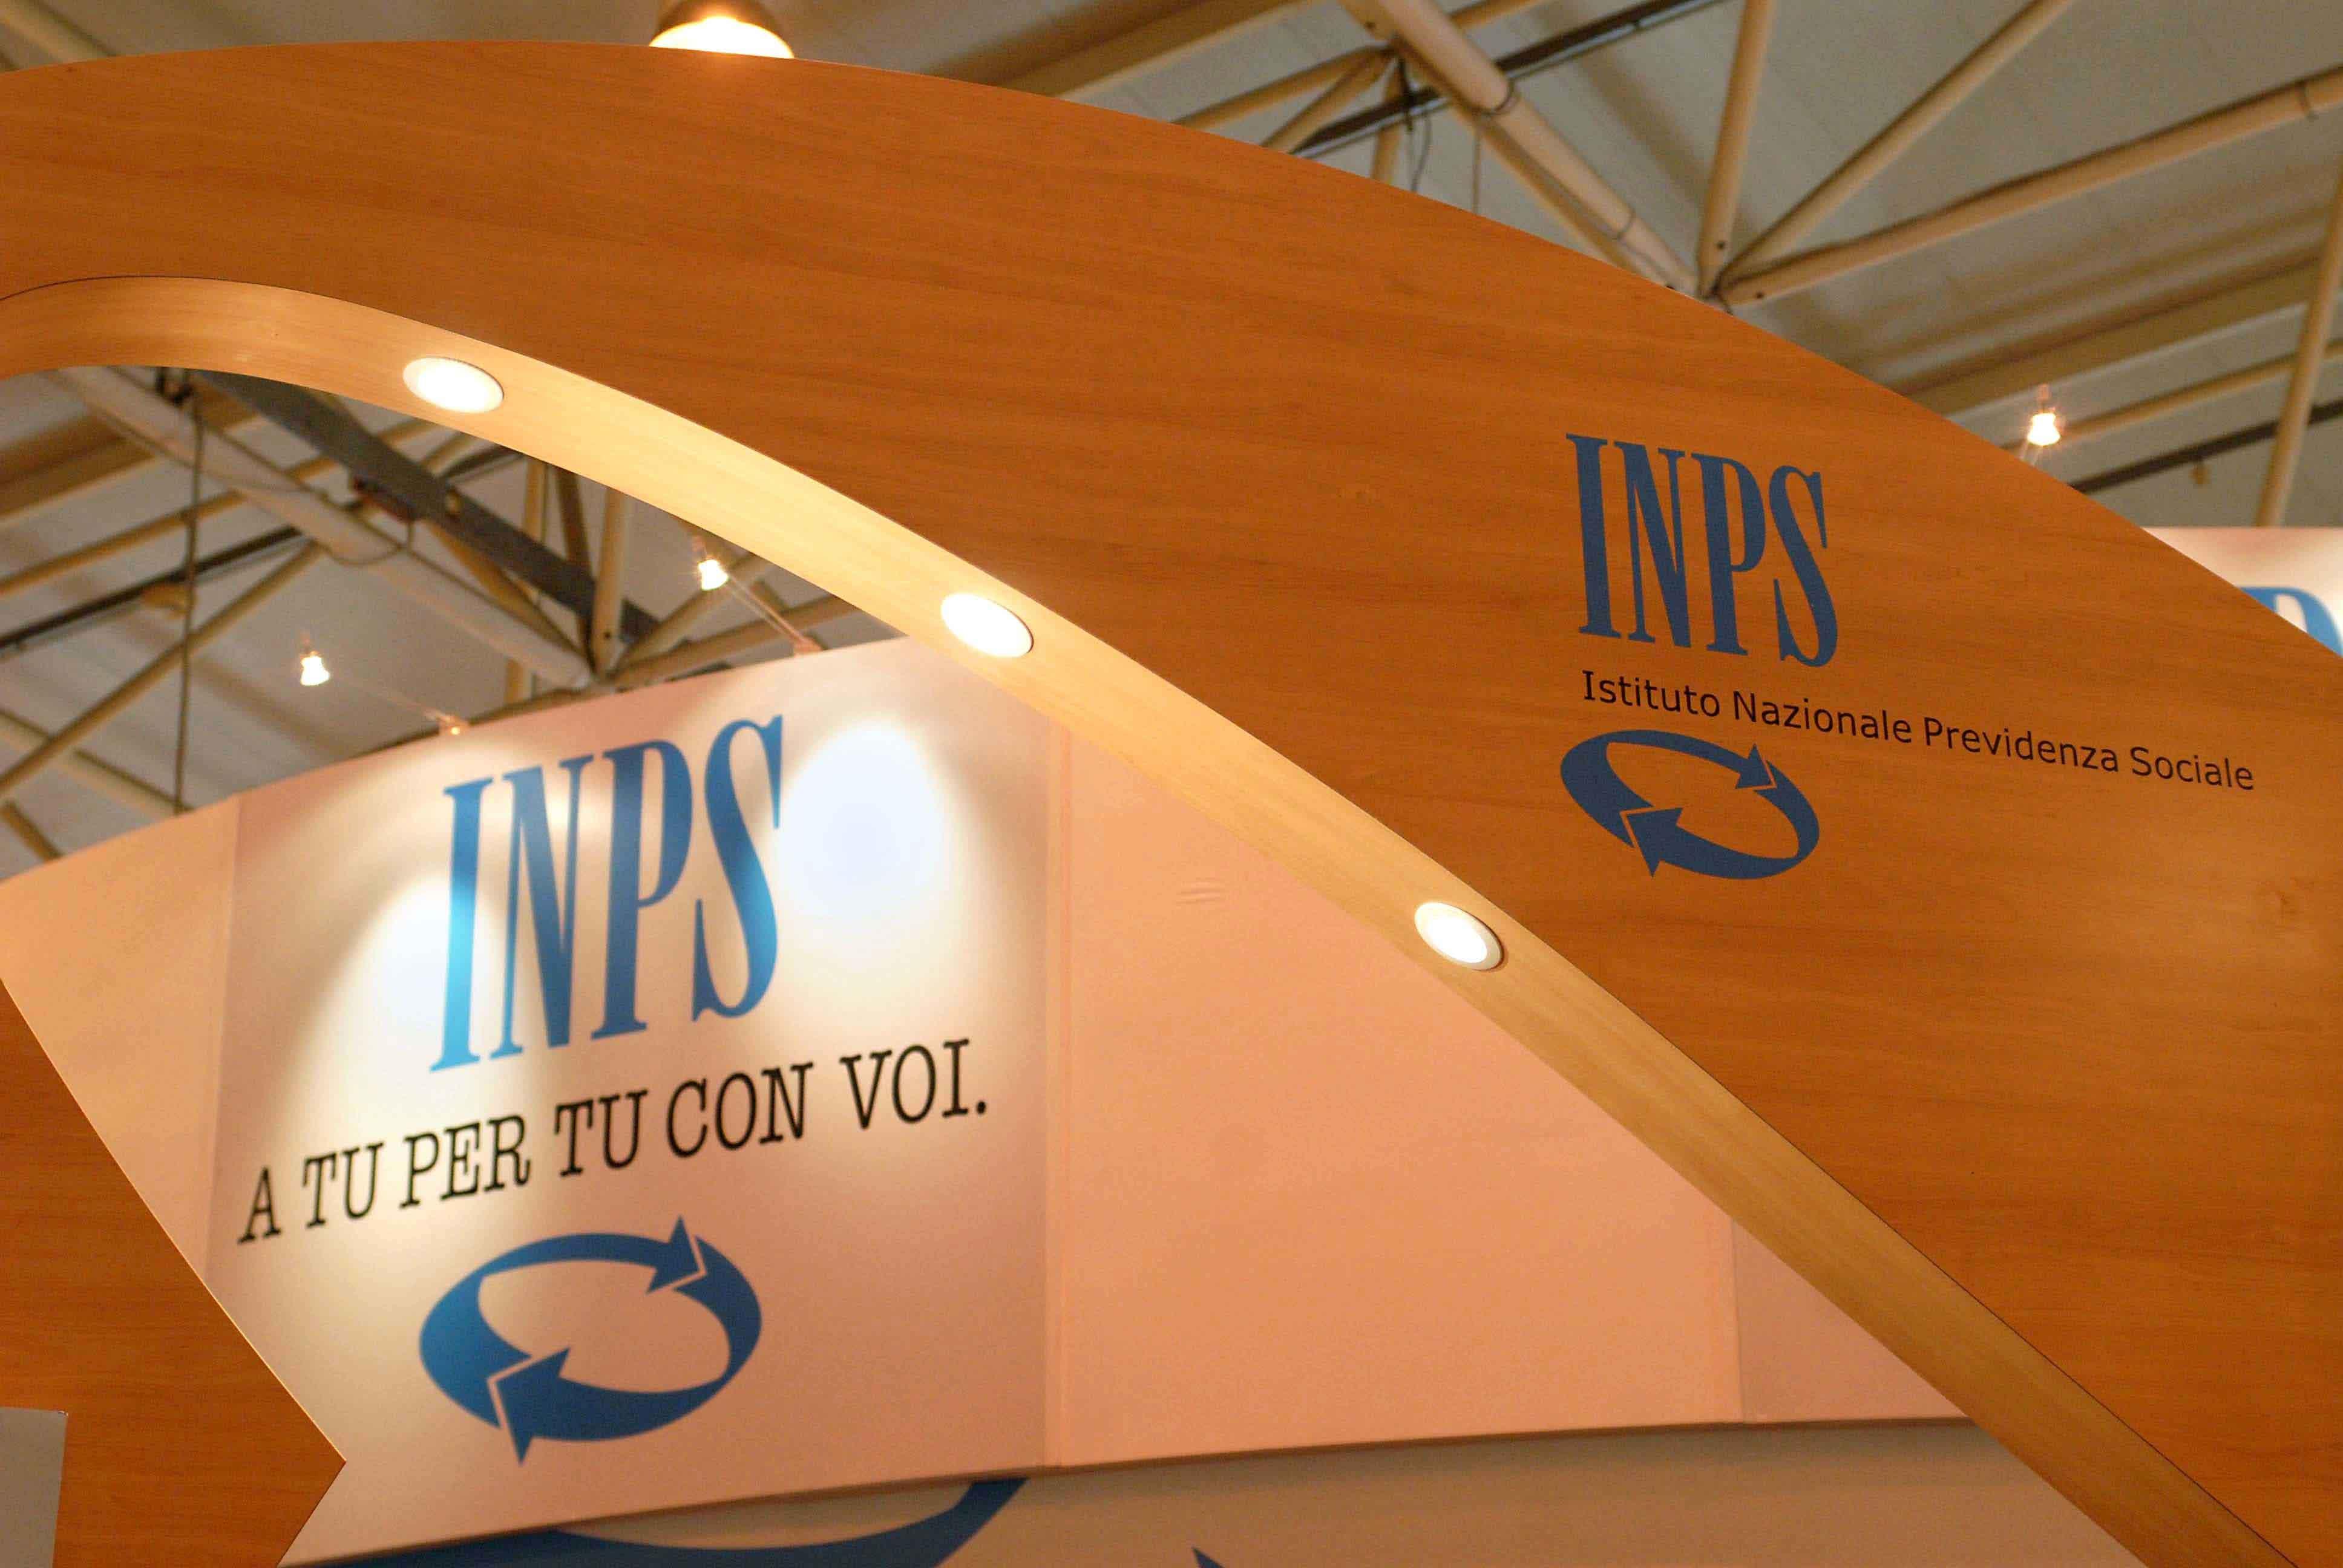 Conto corrente: i limiti al recupero da parte dell'INPS di somme versate in più